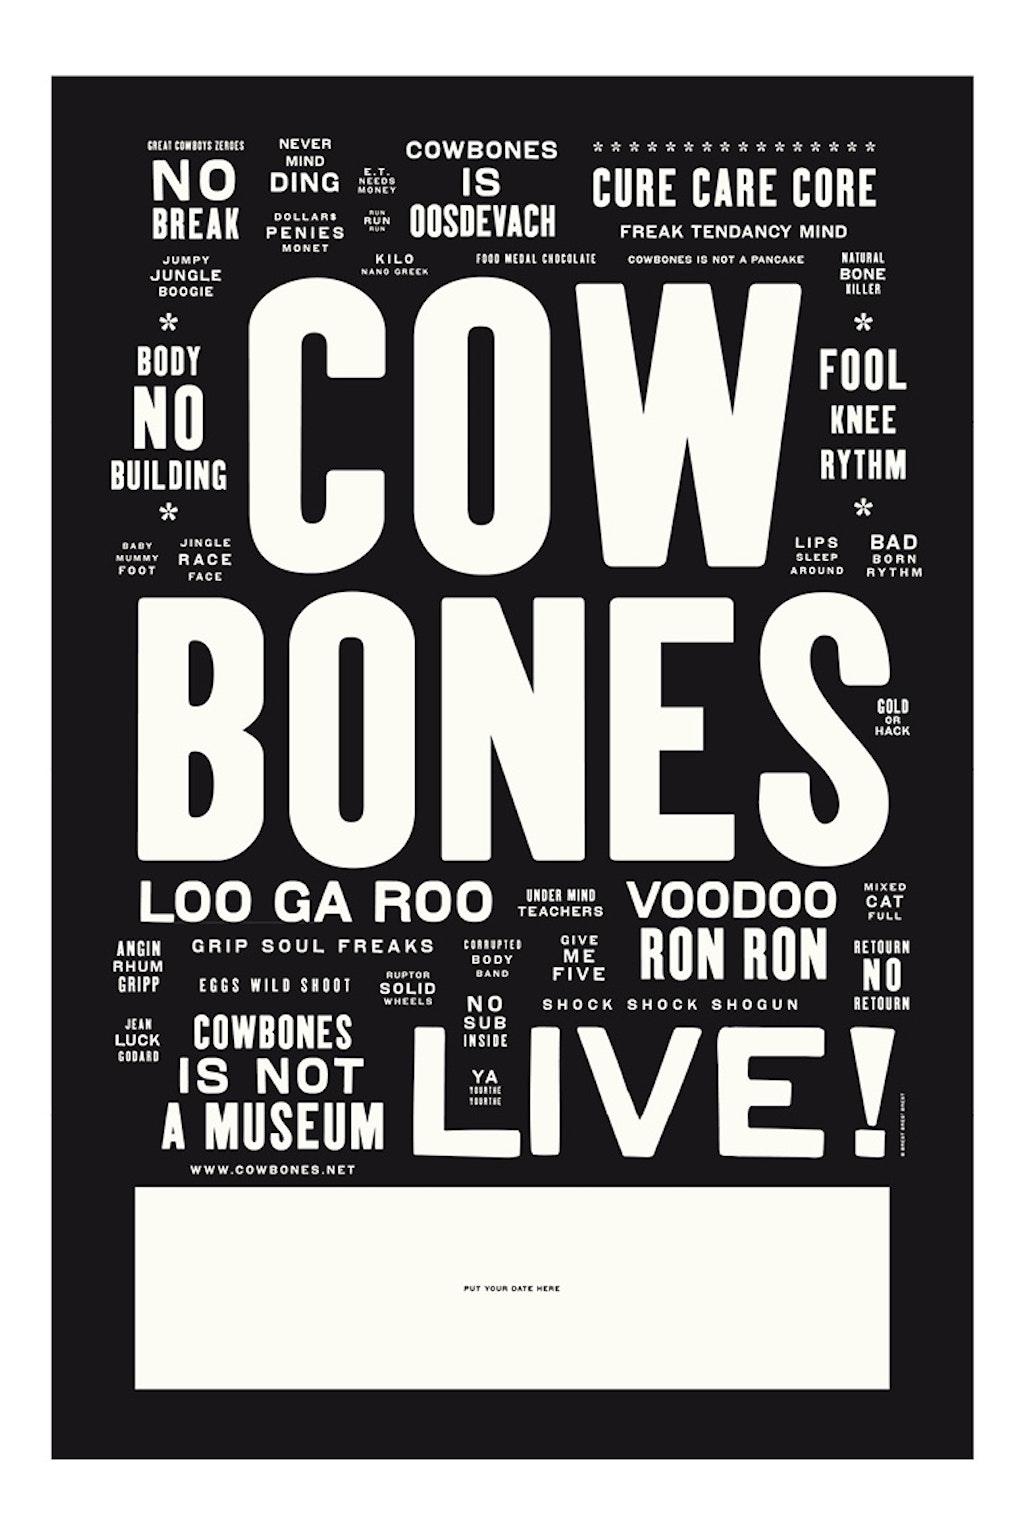 Cowbones live!